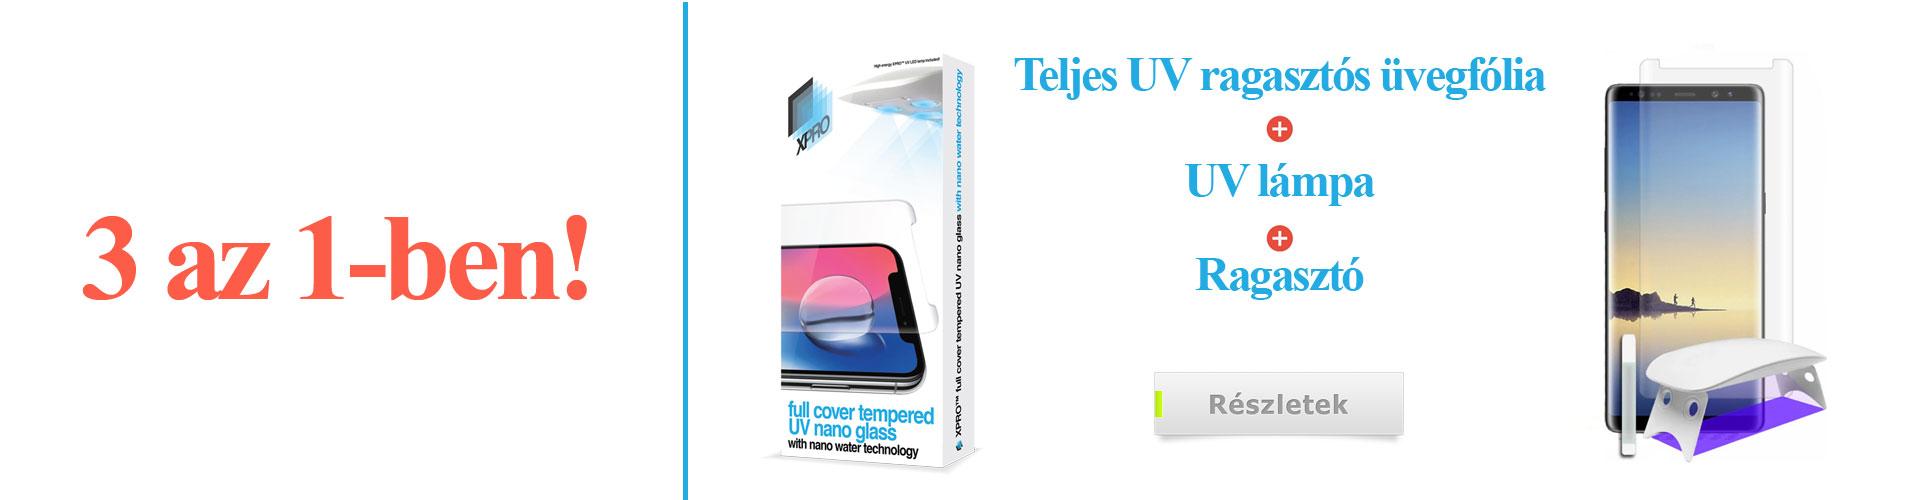 Xprotector teljes UV ragasztós 3D üvegfólia banner